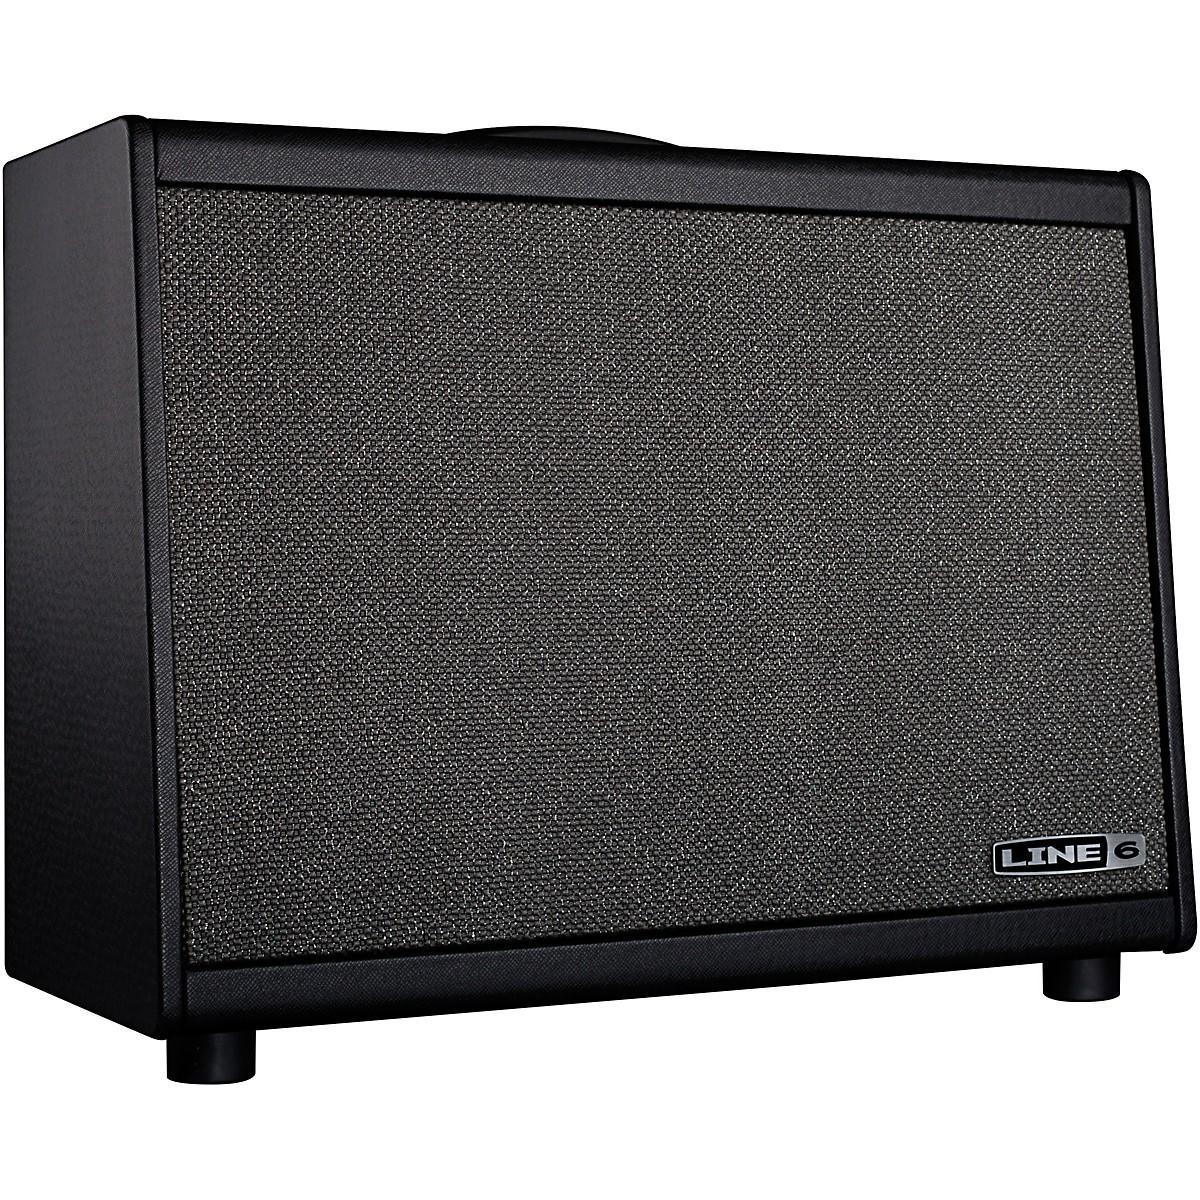 Line 6 Powercab 112 250W 1x12 FRFR Powered Speaker Cab